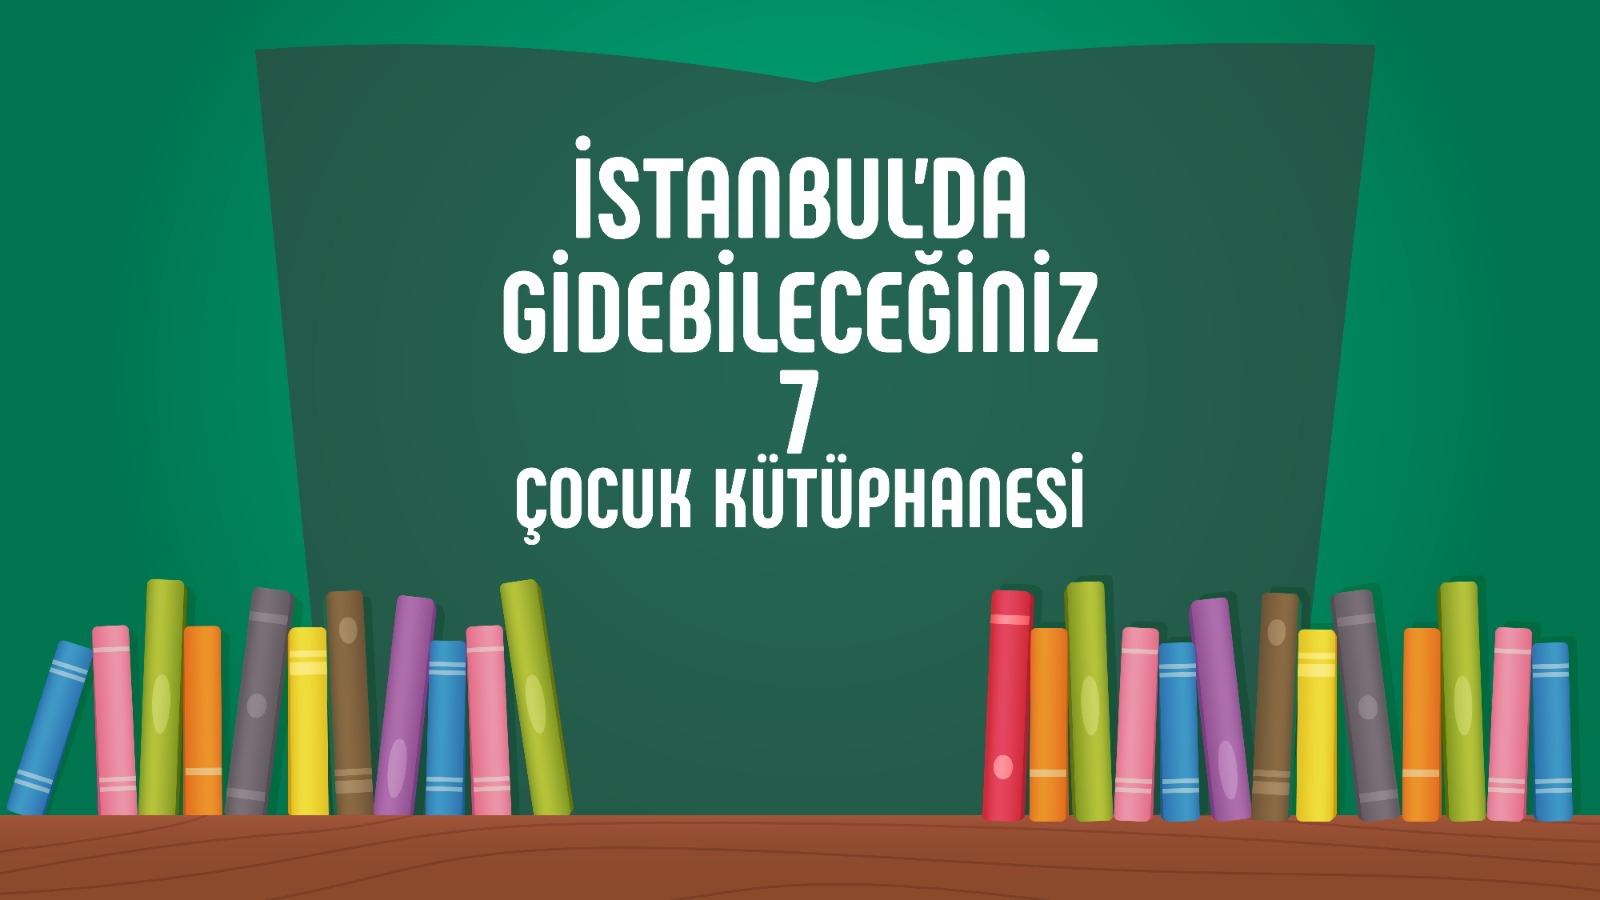 İstanbul'da Gidilecek 7 Çocuk Kütüphanesi